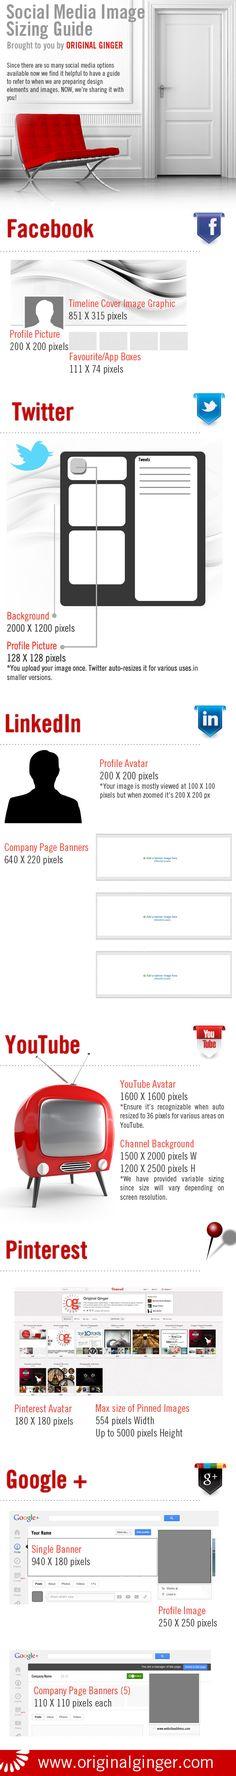 Facebook, Twitter, LinkedIn y YouTube – Los Medios de Comunicación Social, Guía del Tamaño de Imagen [Infografía]